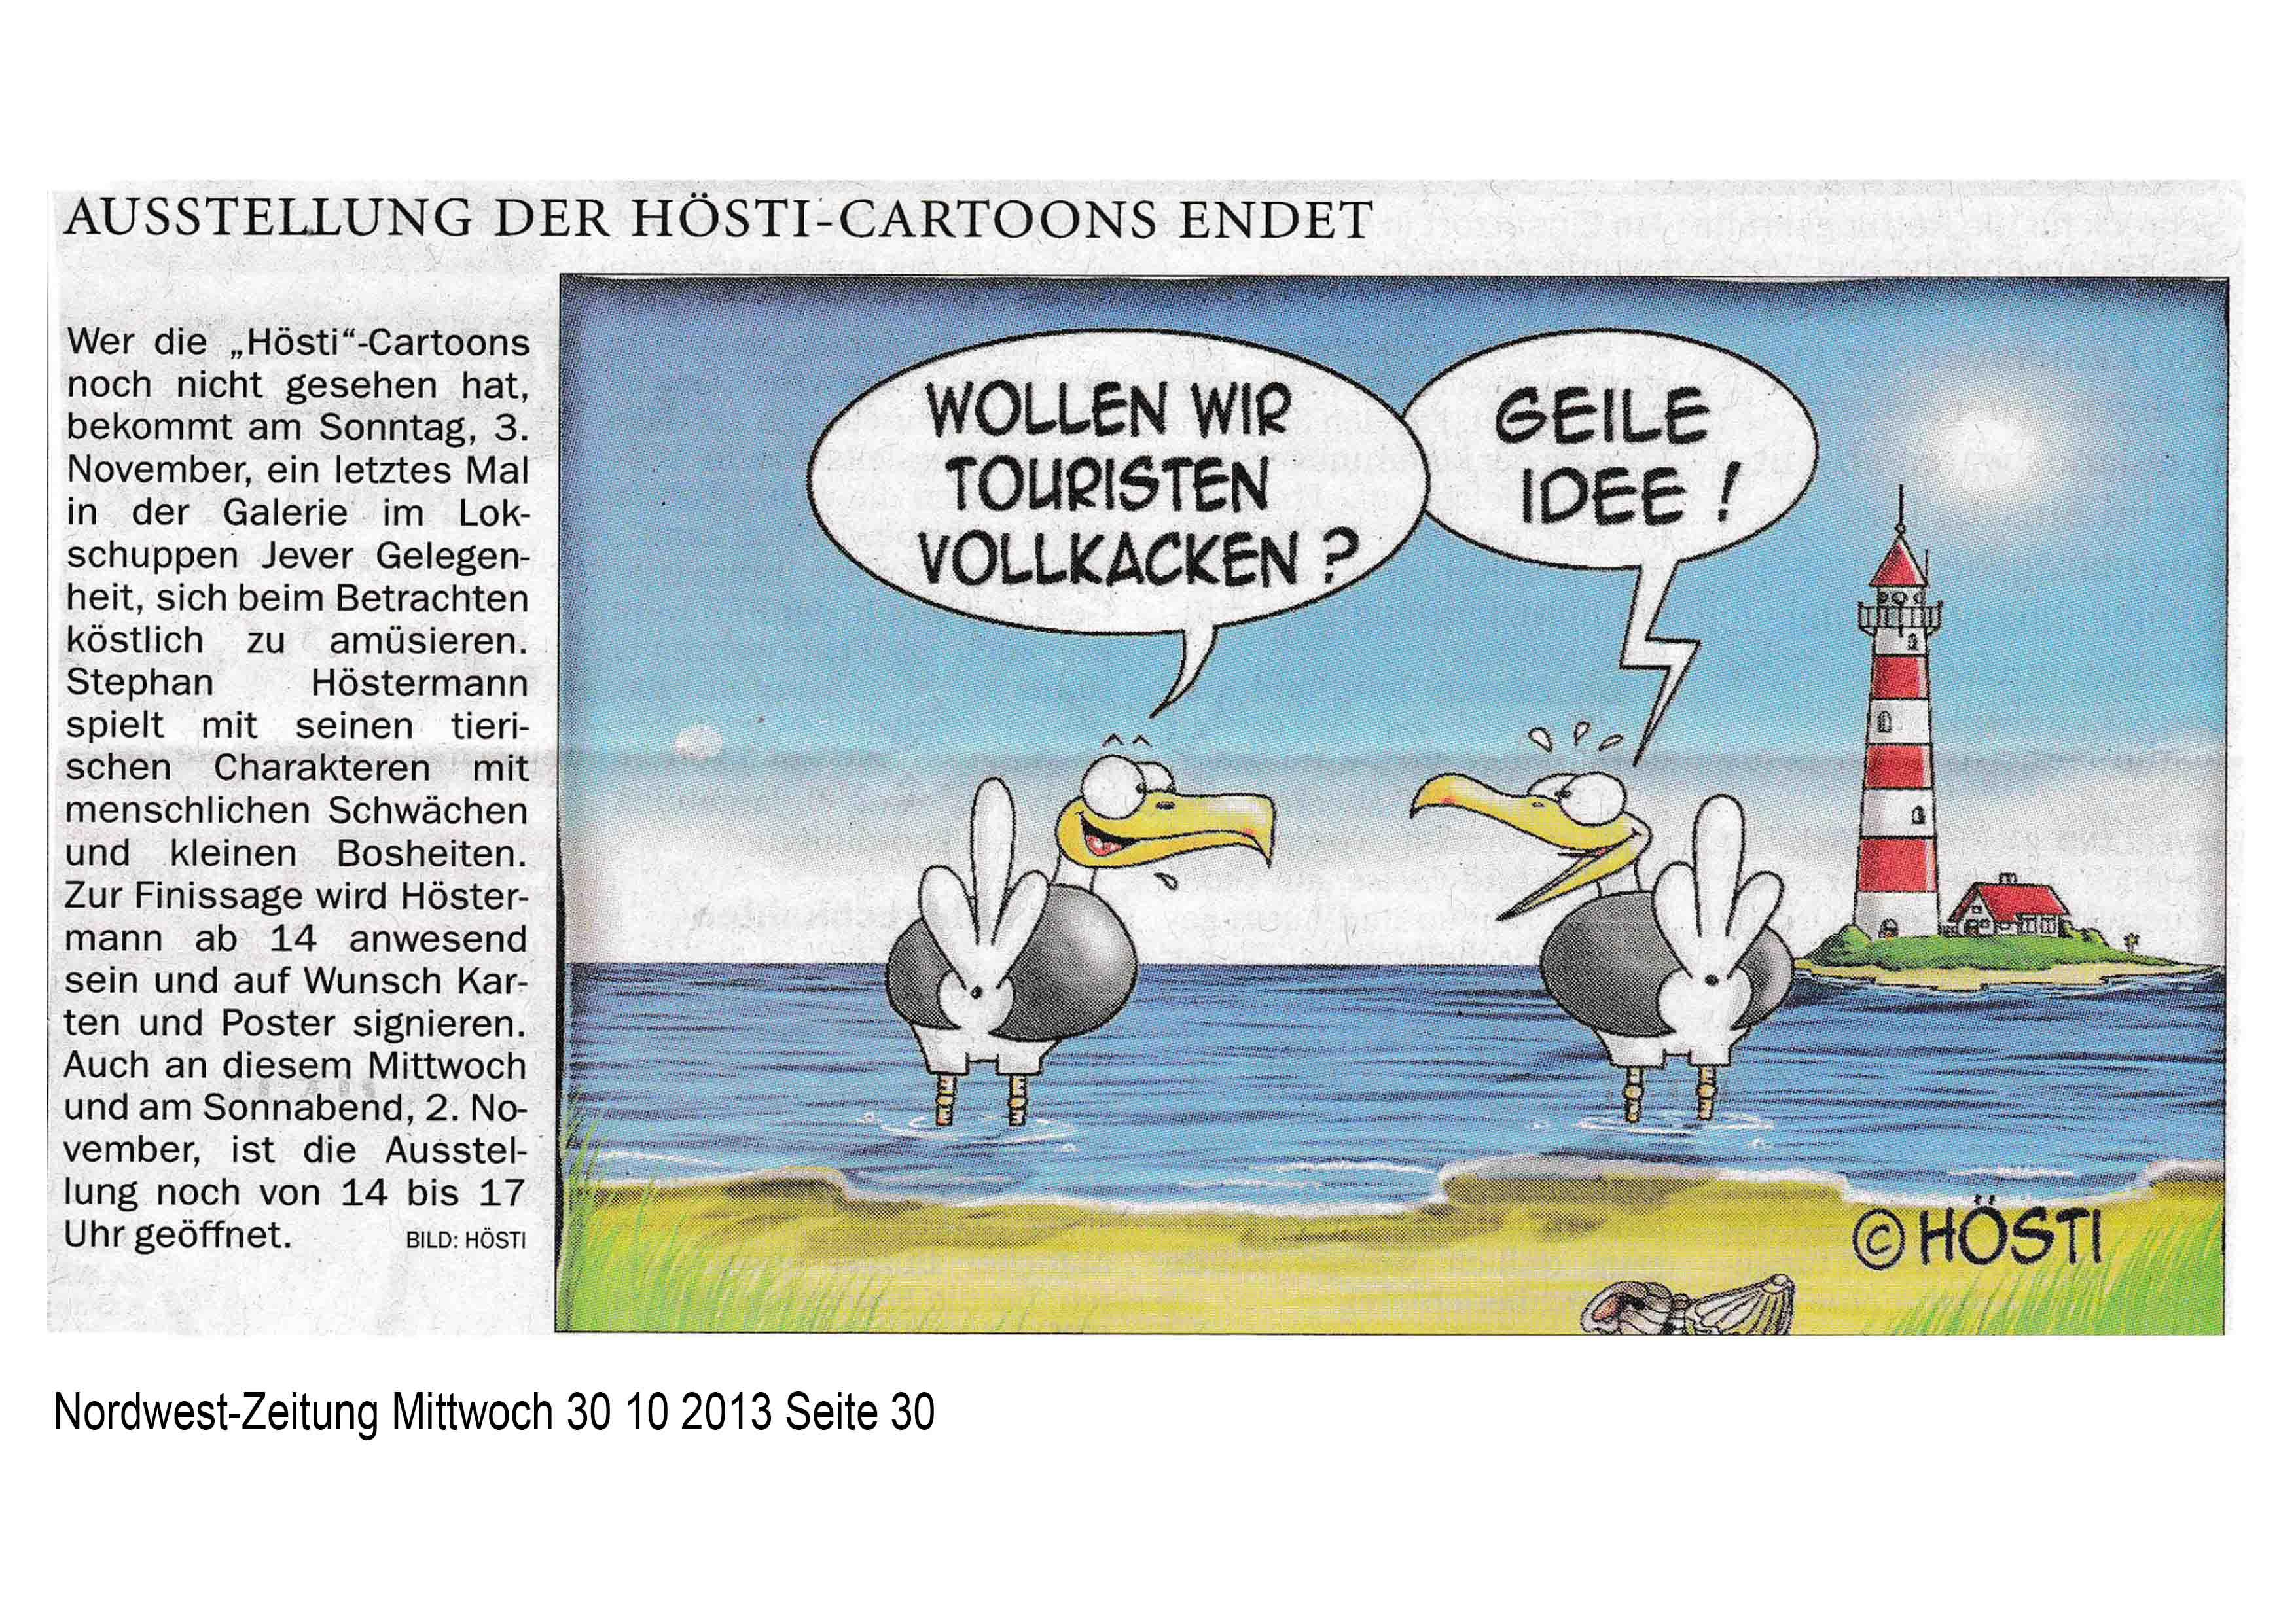 Nordwest-Zeitung Mittwoch 30 10 2013 Seite 30